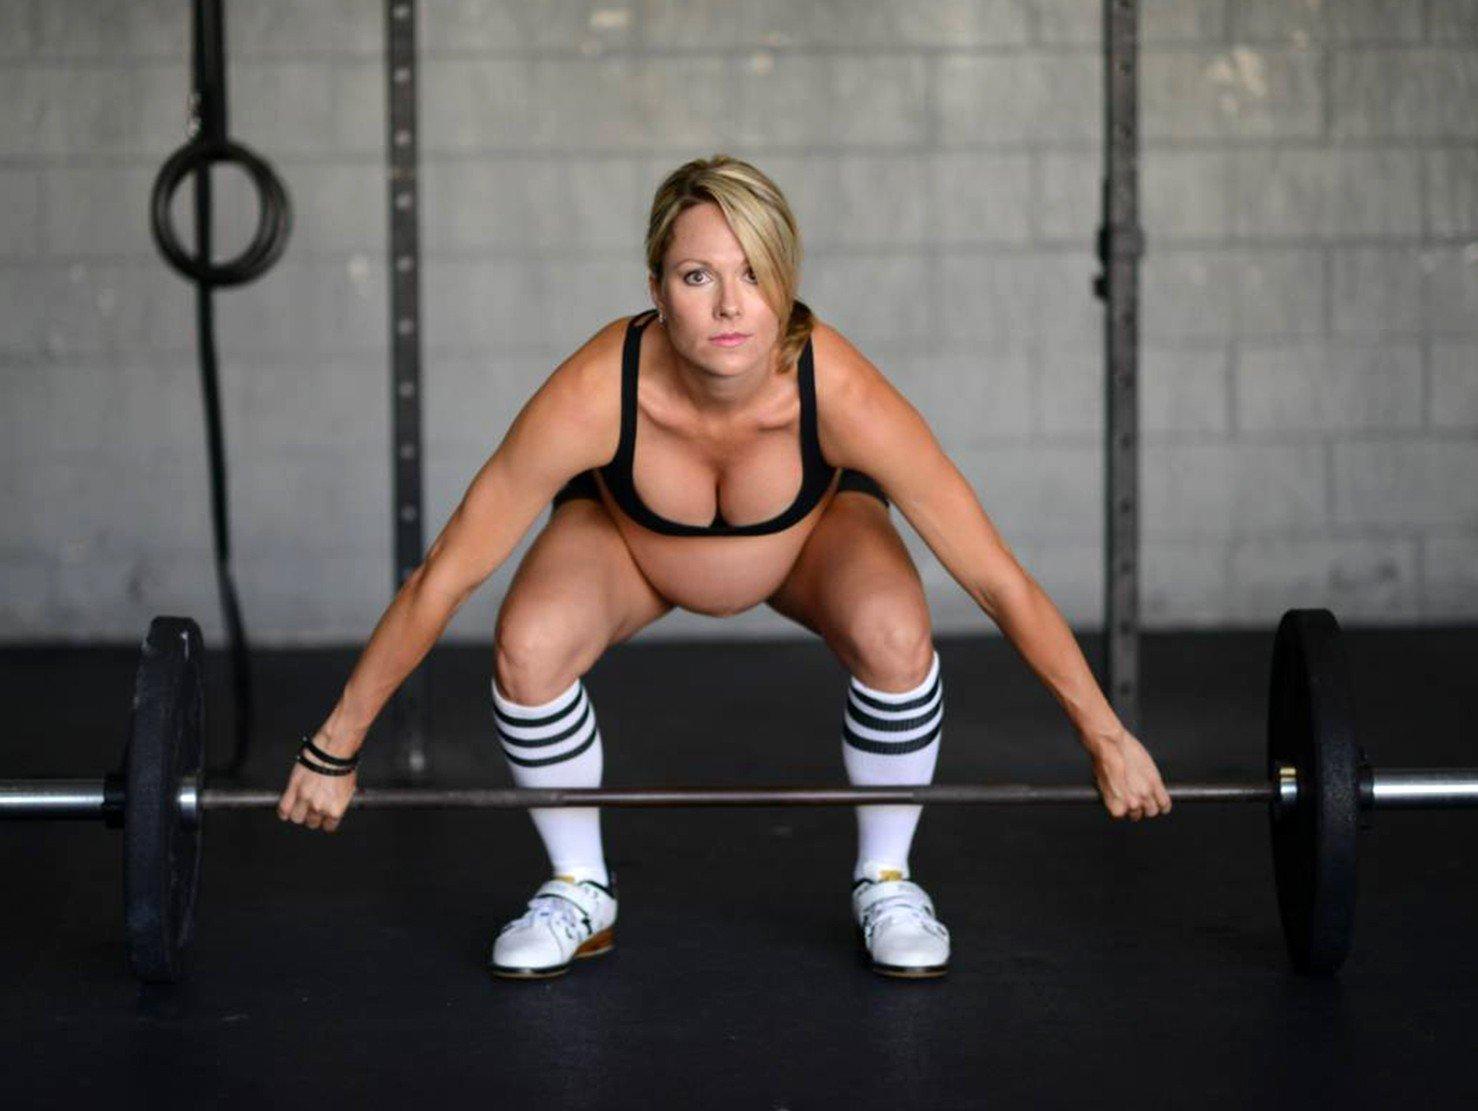 Спорт и беременность – можно ли совмещать?